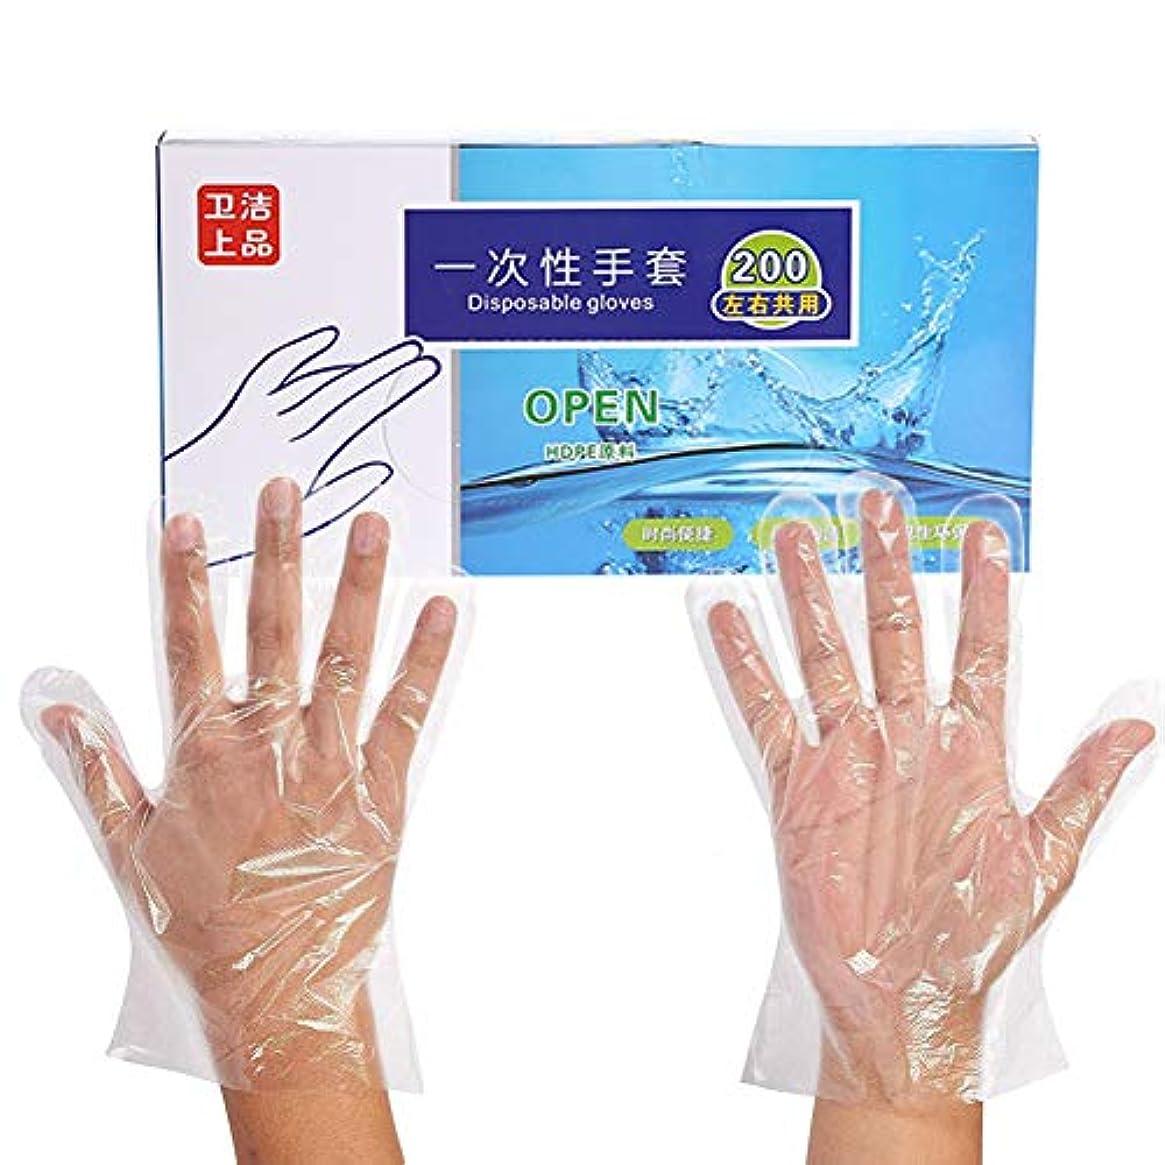 散逸チューインガム海里Cangad 使い捨て手袋 極薄ビニール手袋 ポリエチ手袋 左右兼用 透明 調理用 食品 実用 セット極薄手袋 調理に?お掃除に?毛染めに 食品衛生法適合 400枚入